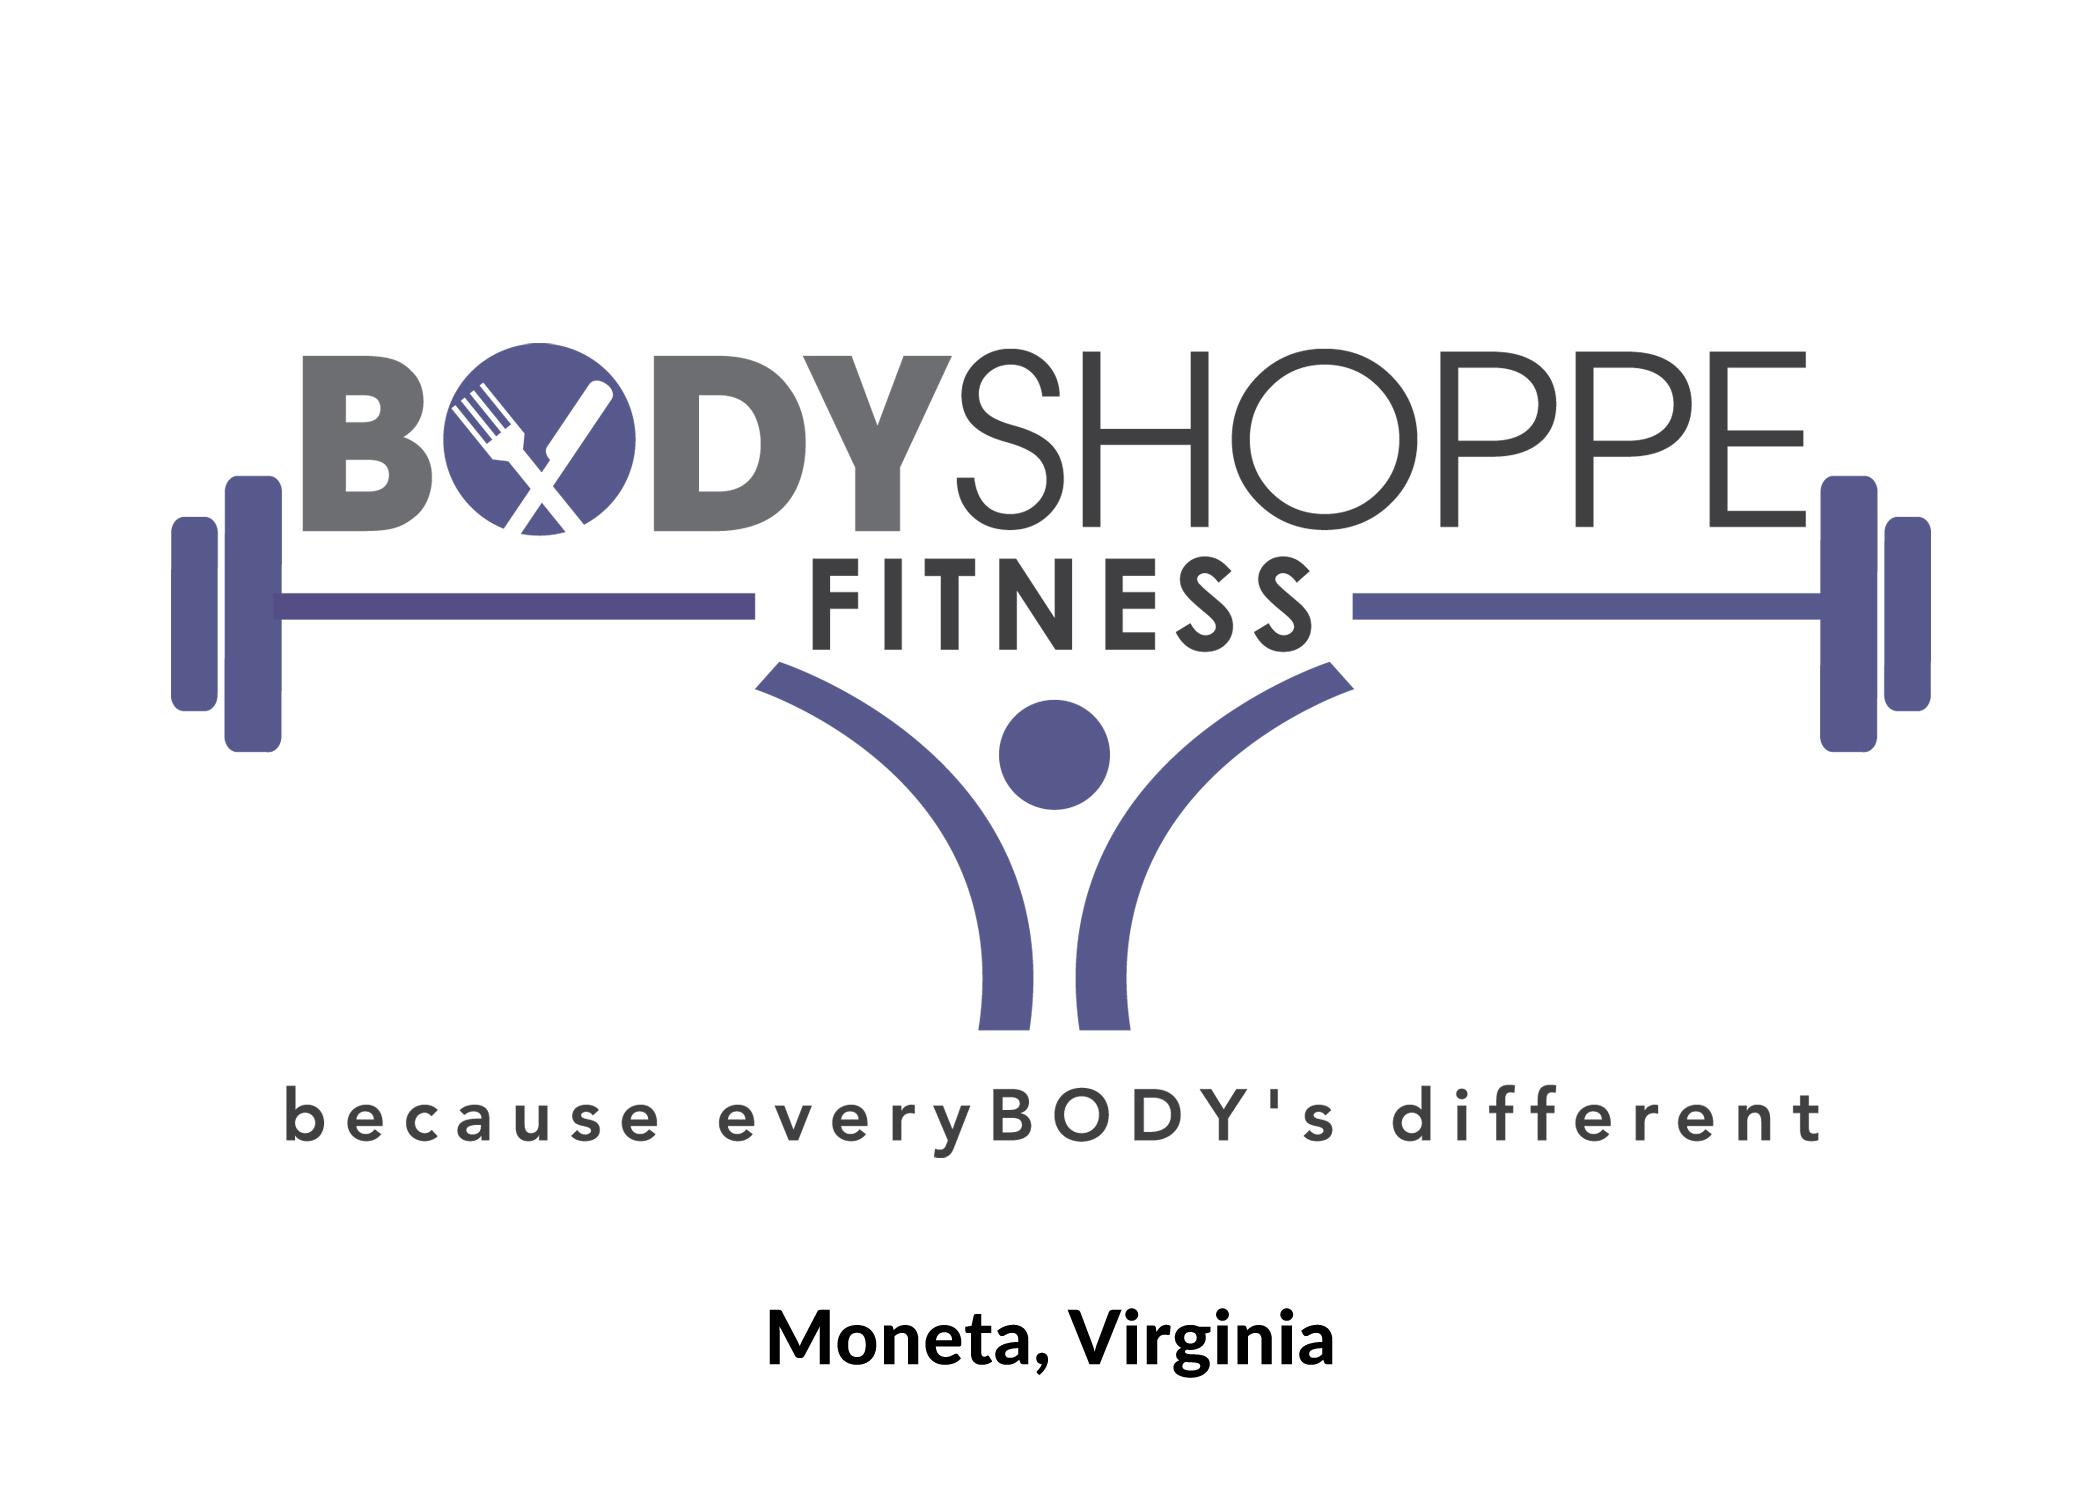 BodyShoppeFitness_allcore_logo.jpg